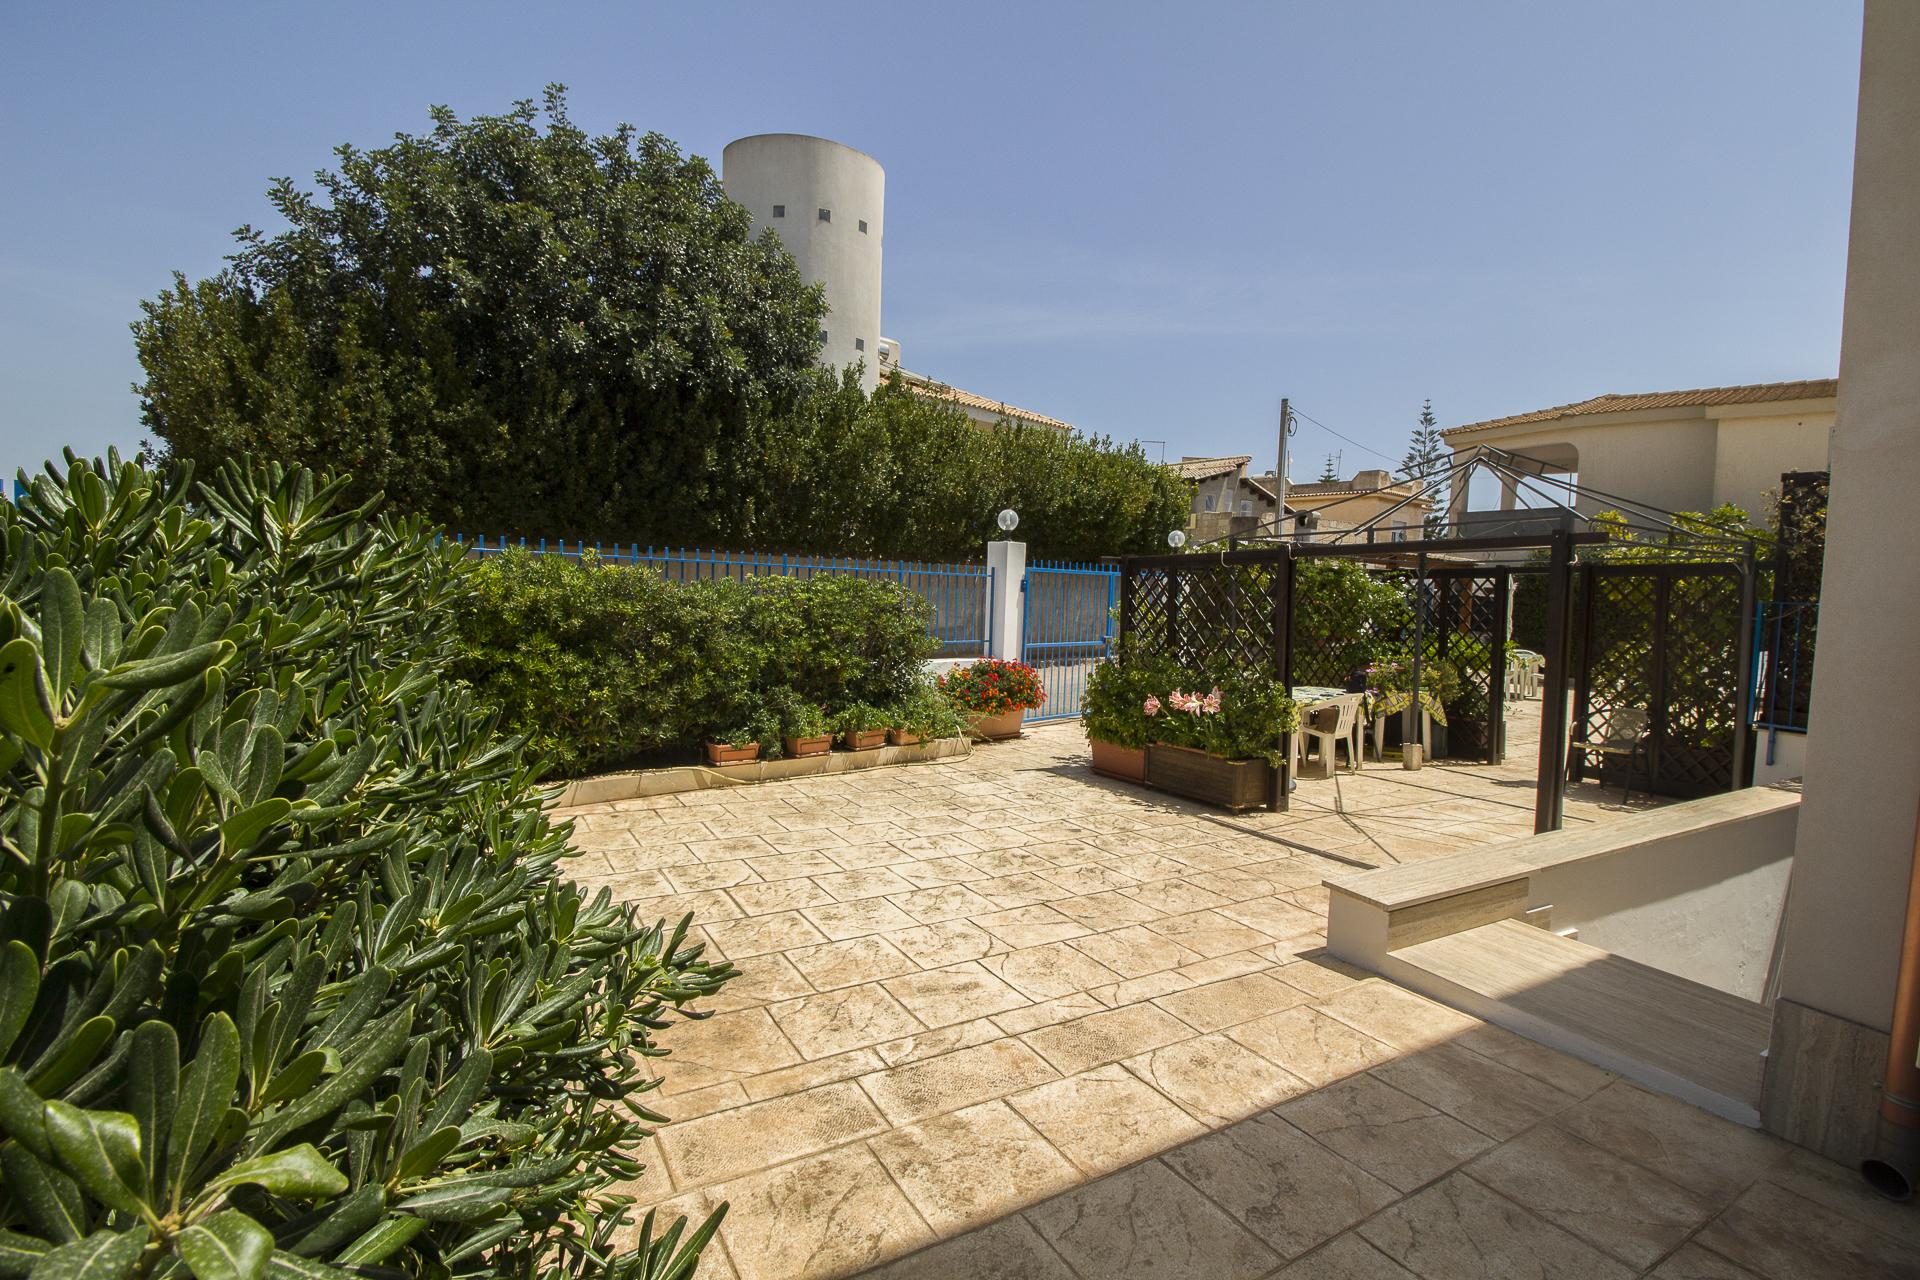 Casa vacanze Noto_sole_di_Sicilia_hotel_noto_marina_vacanze_noto_avola_siracusa_marzamemi_B&B_noto_camere_appartamenti_noto_mare_24